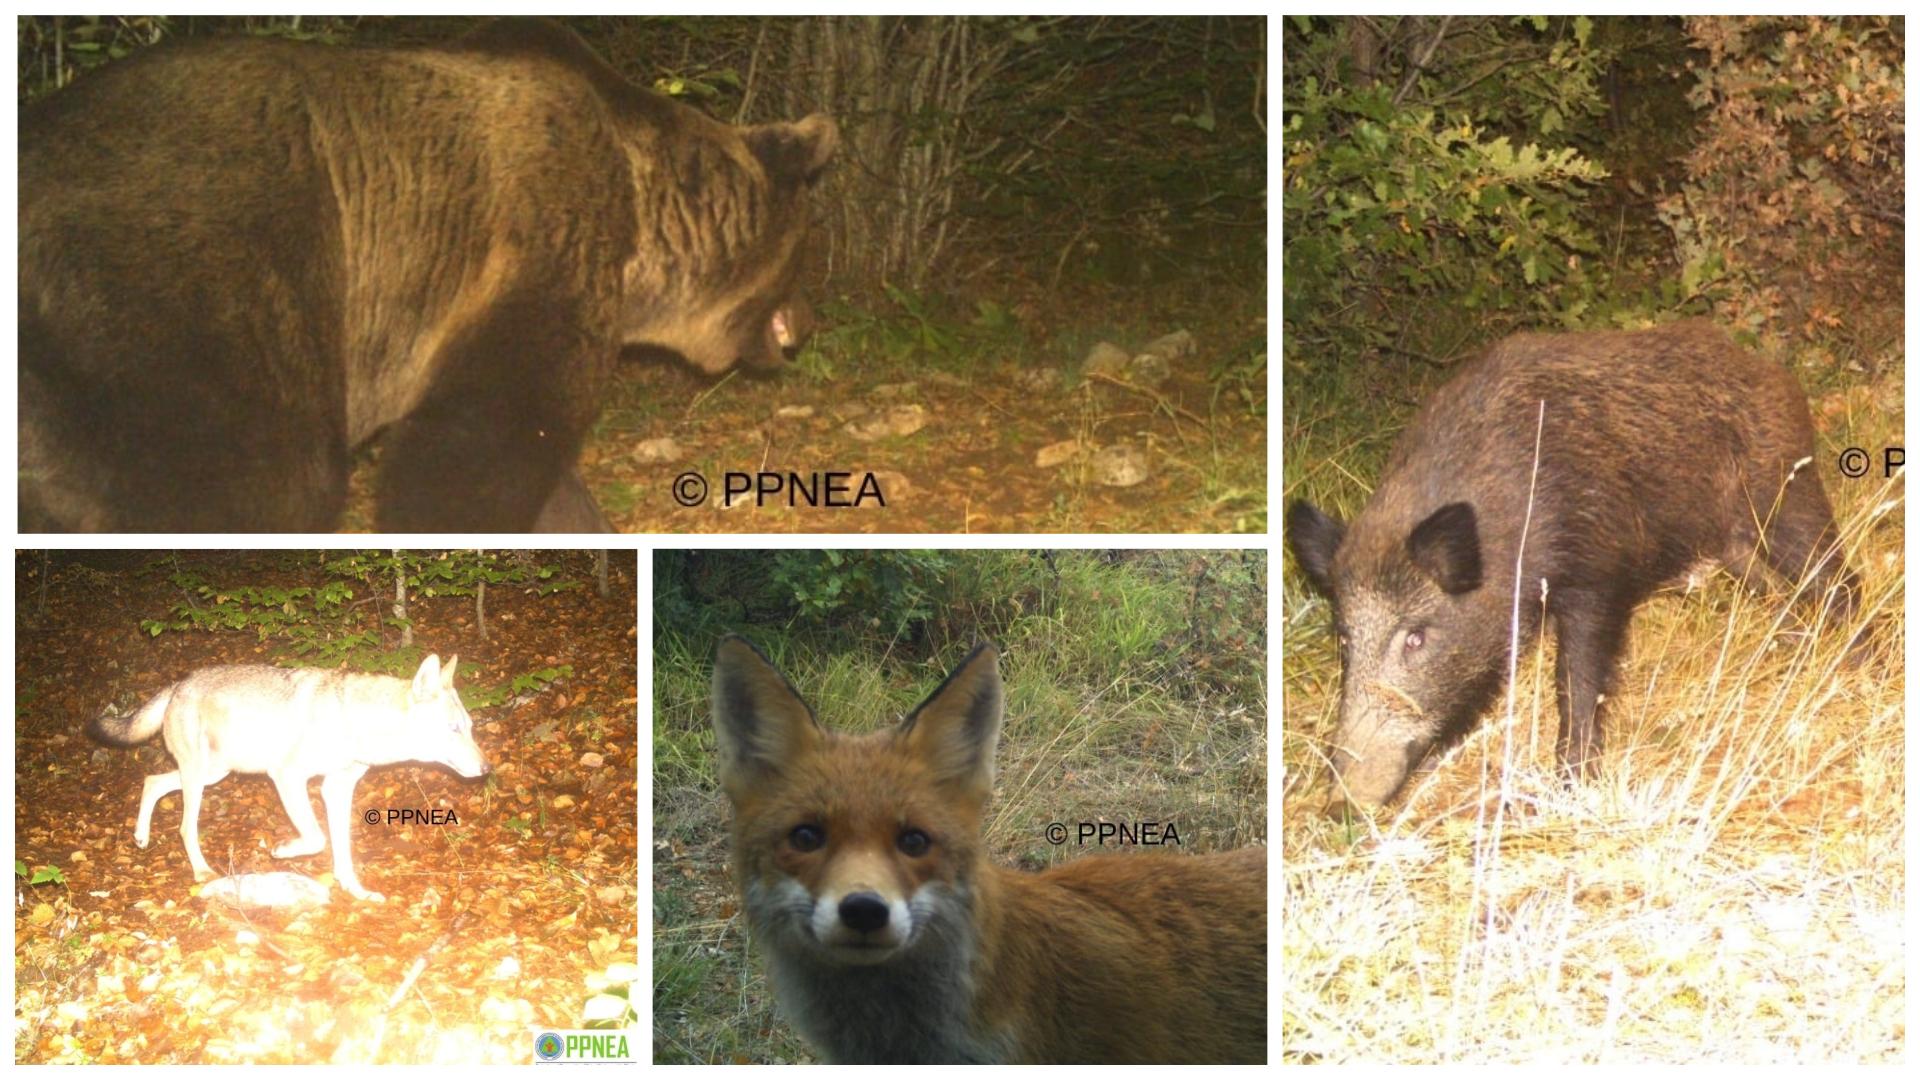 FOTO/ Kafshët që mendoheshin të zhdukura kapen nga kamerat kurth në parkun e Prespës